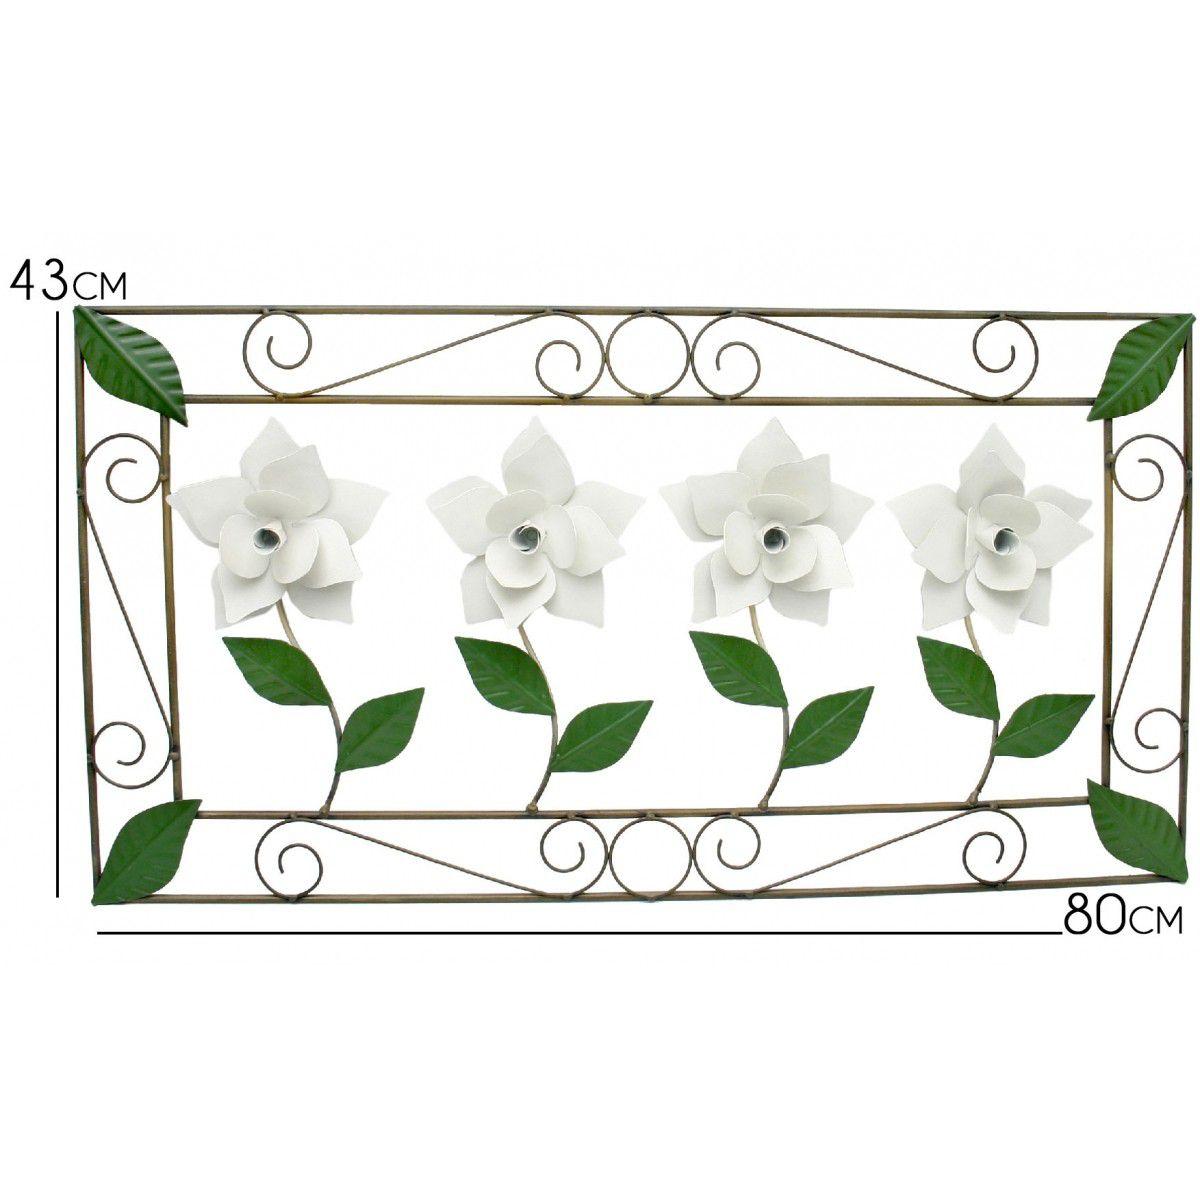 Quadro para Quarto Artesanal de Ferro com Flores e Folhas Decorativo